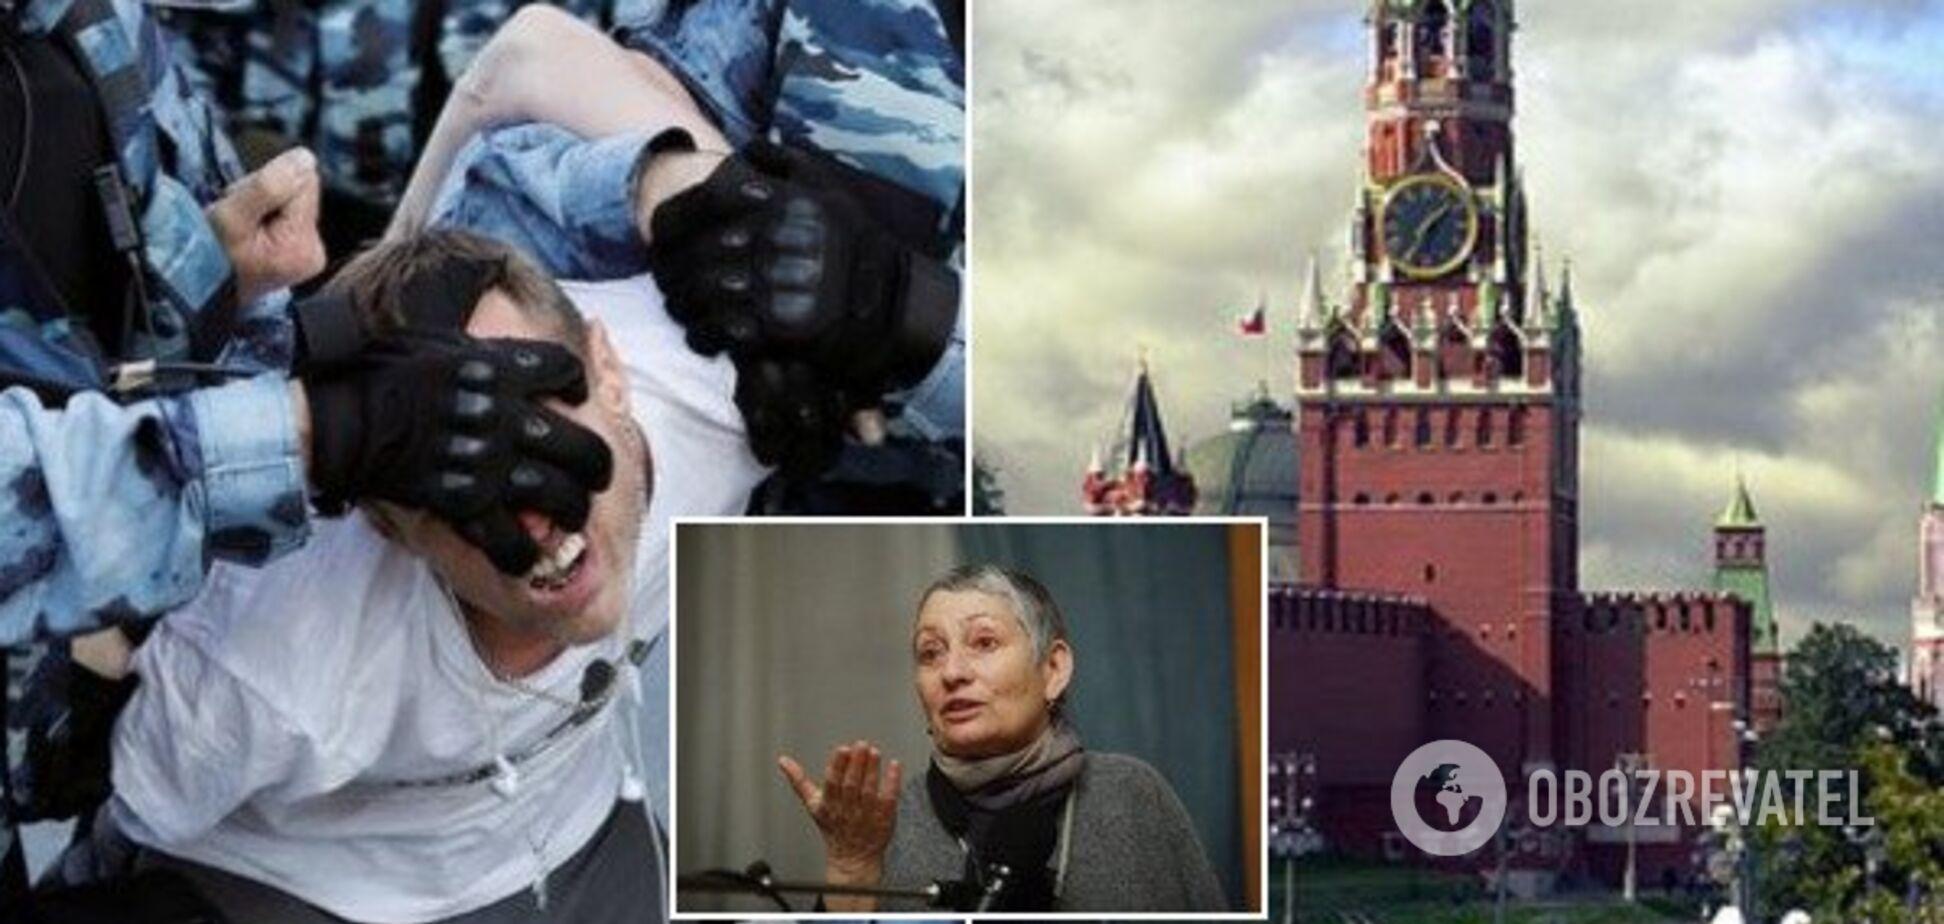 Про Крим, феномен Зеленського і Путіна: ексклюзивне інтерв'ю з Людмилою Улицькою